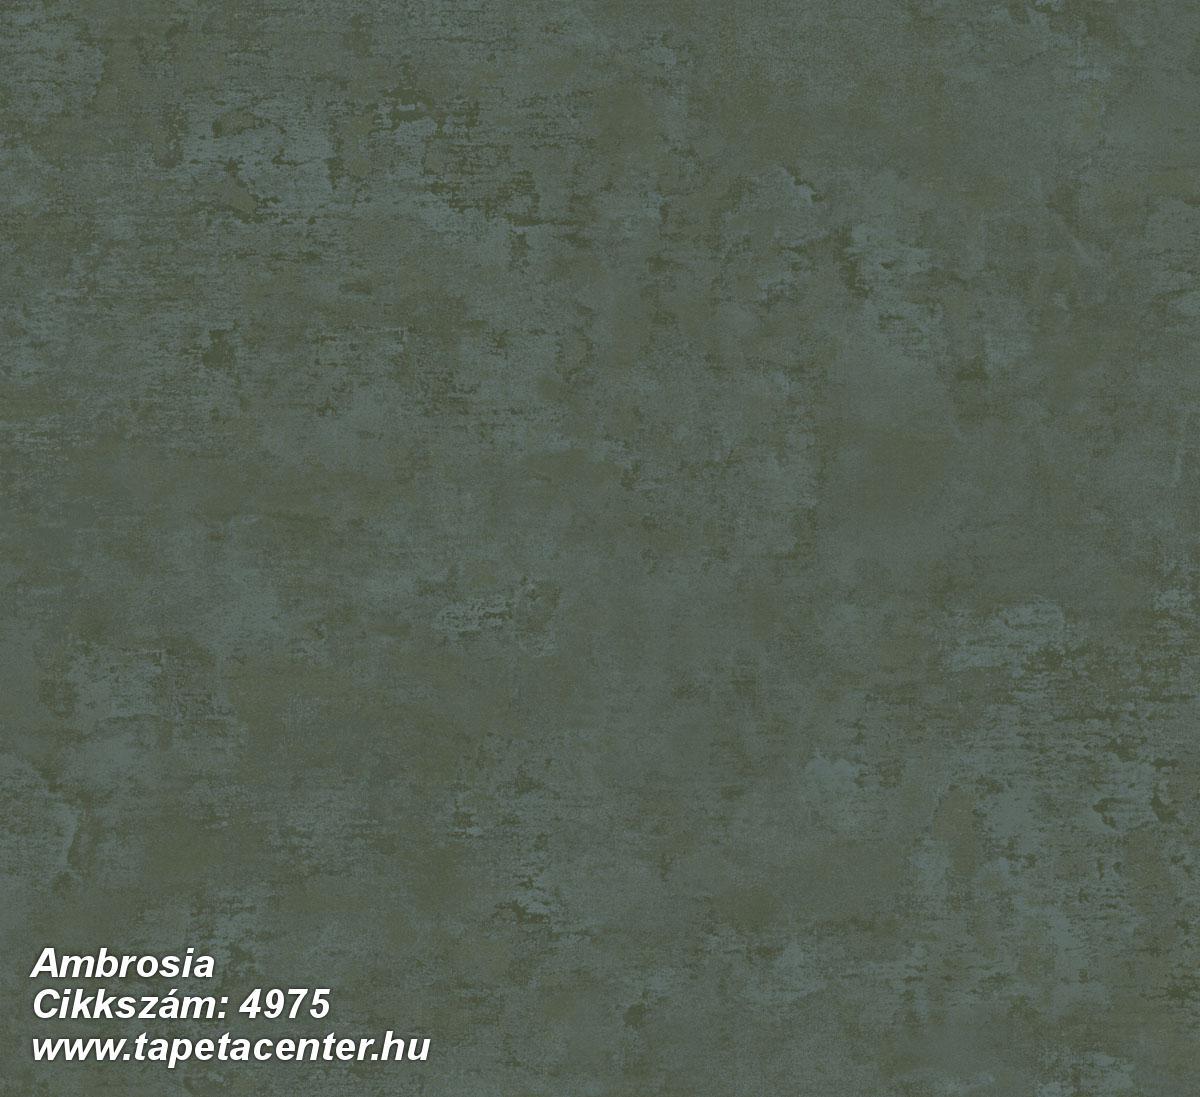 Ambrosia - 4975 Olasz tapéta